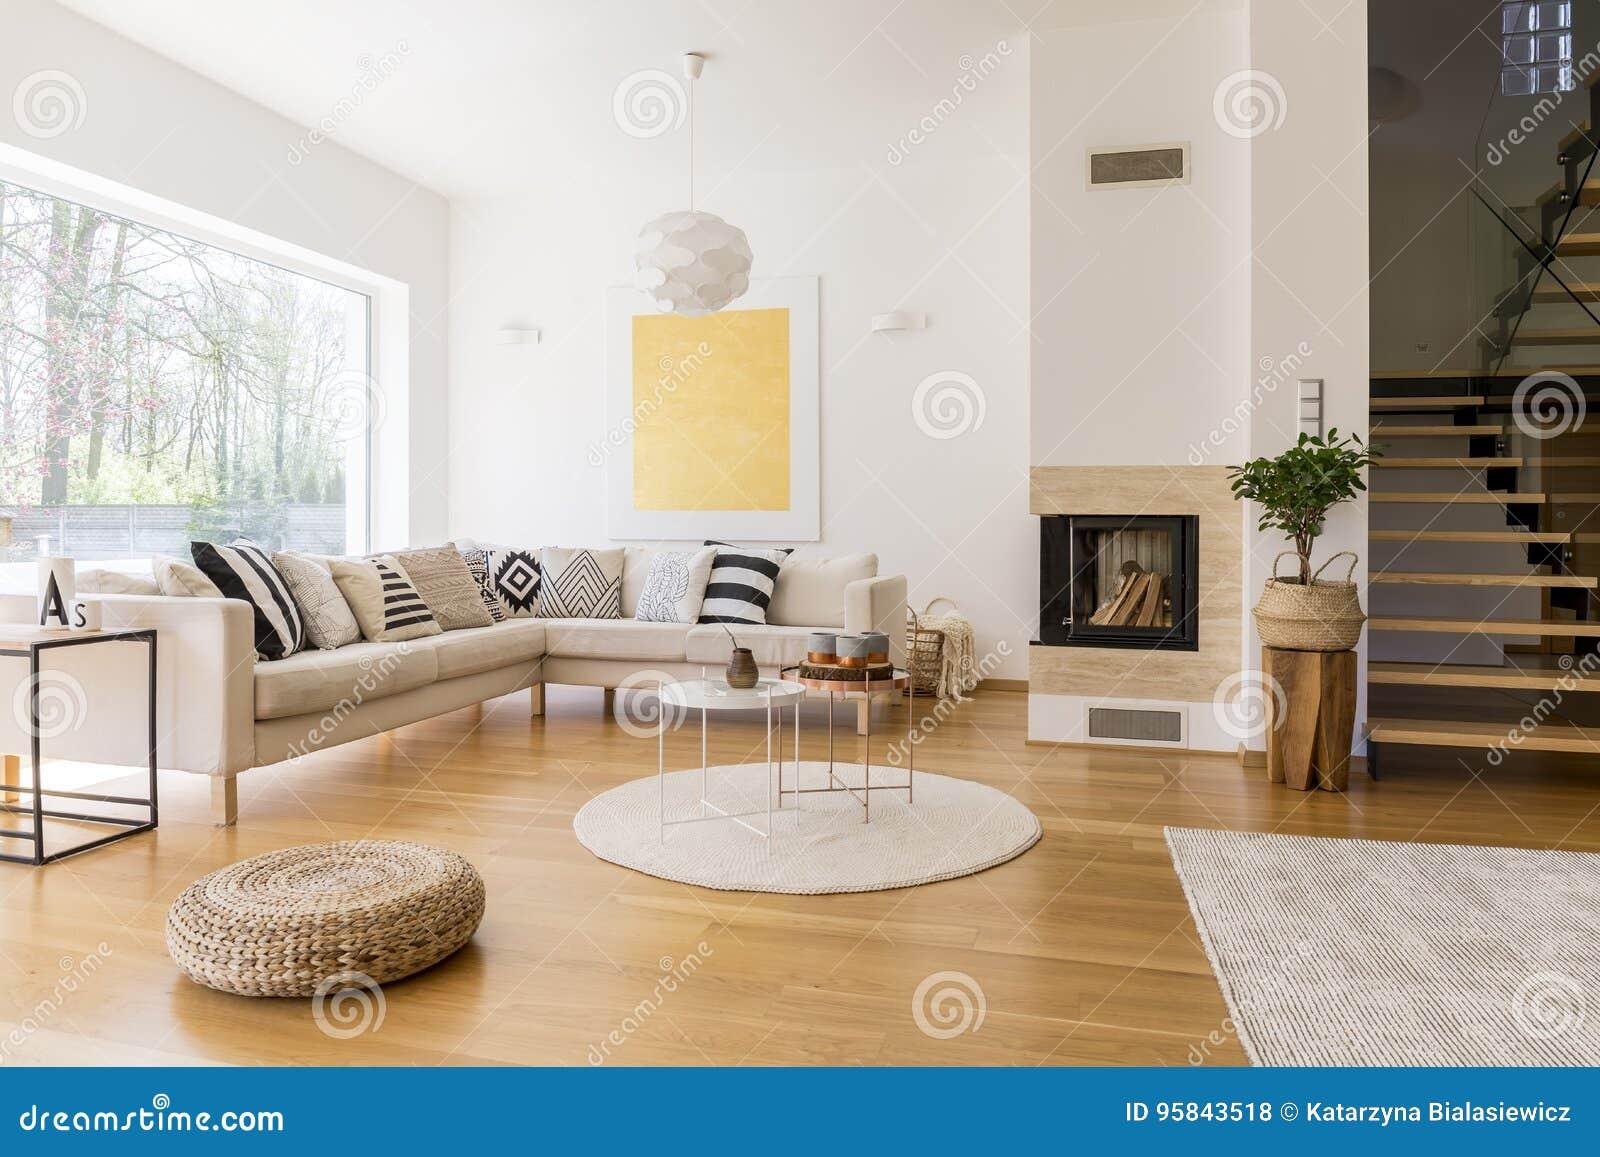 Wohnzimmer mit Treppe stockfoto. Bild von zubehör, langsam ...